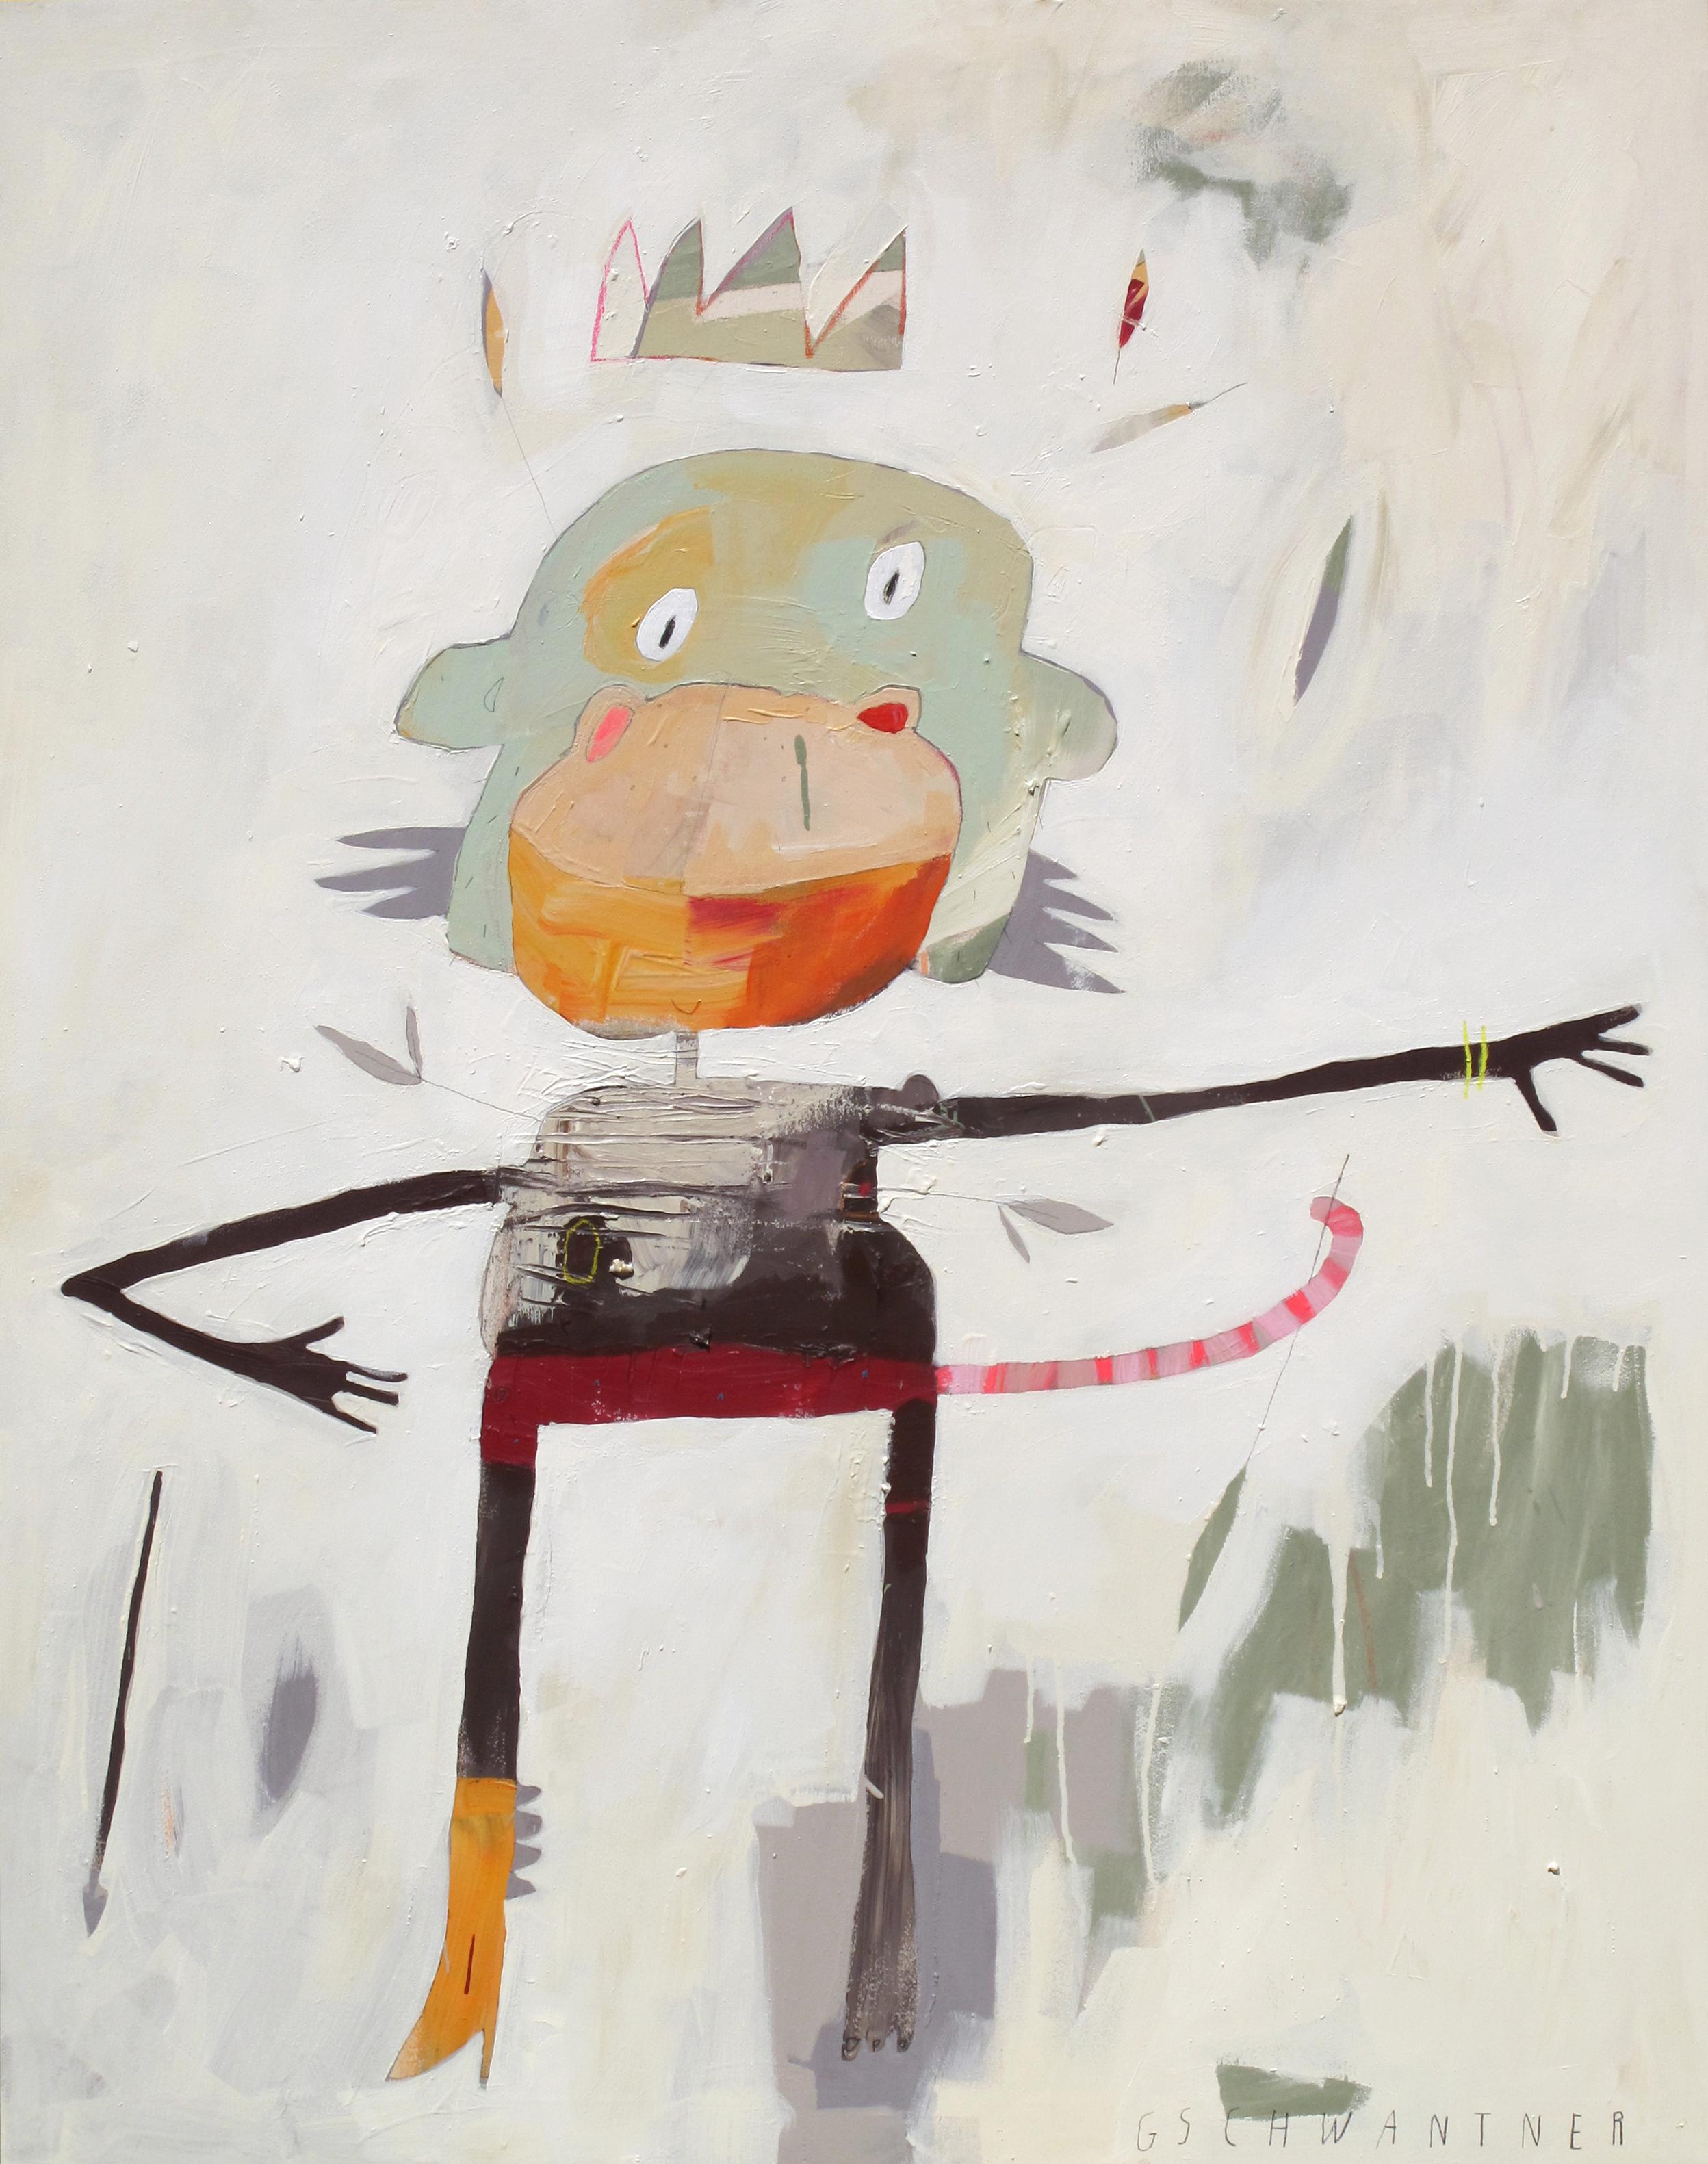 Monkey King, 2011, 115 x 145